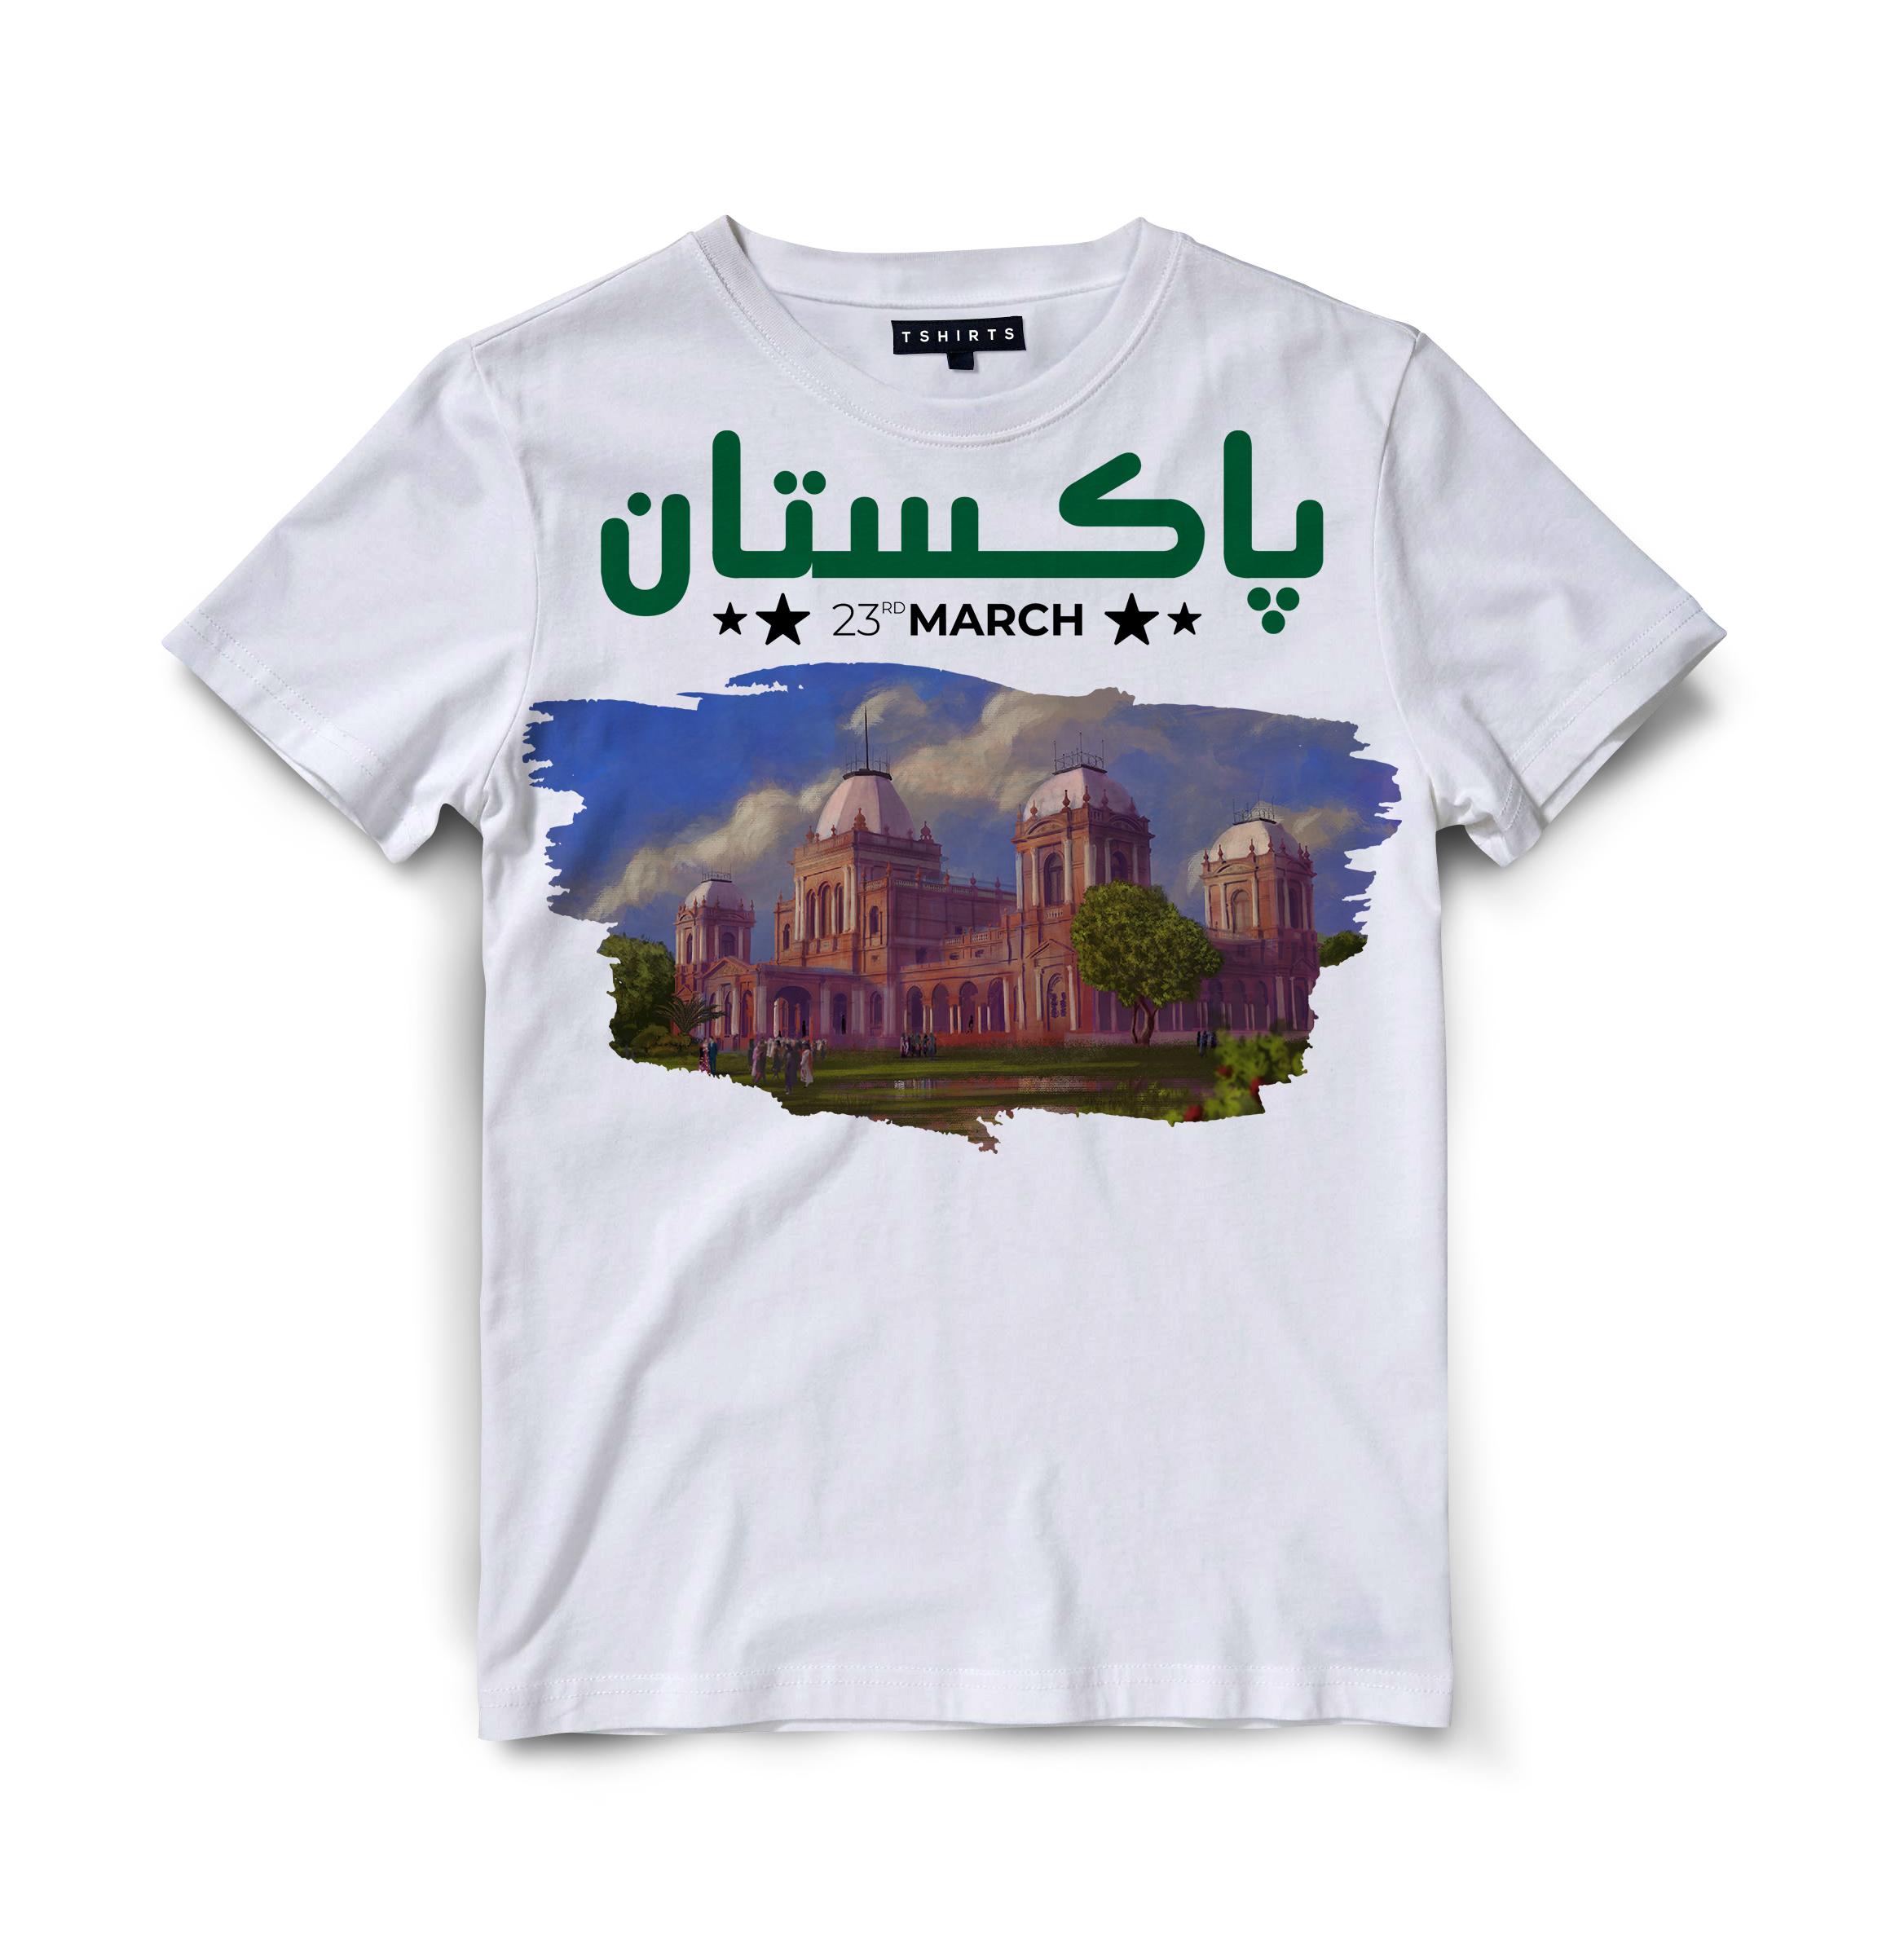 7threads-23 March tshirt 08